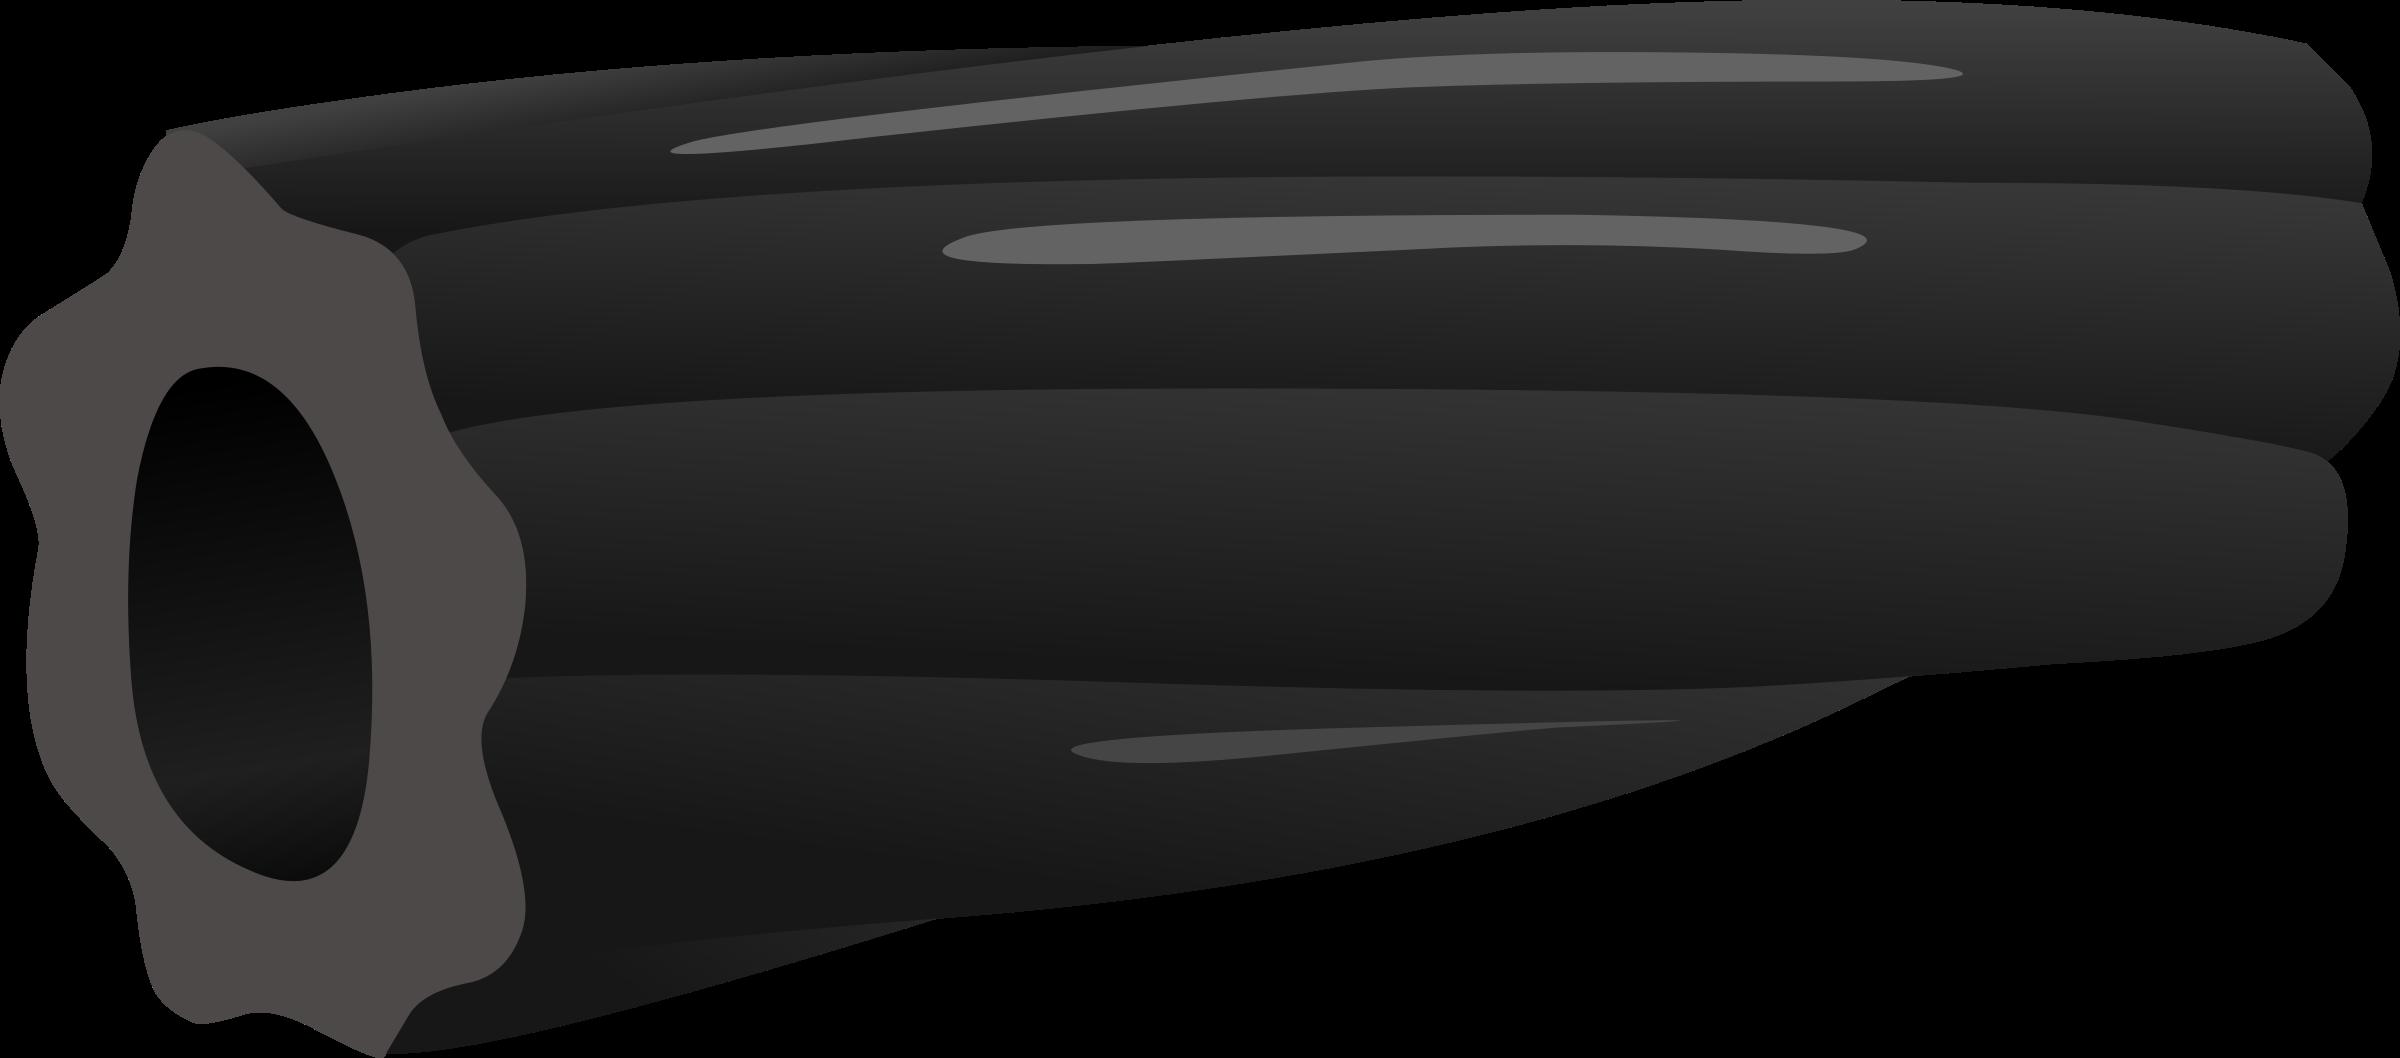 Glitch clipart big black #5